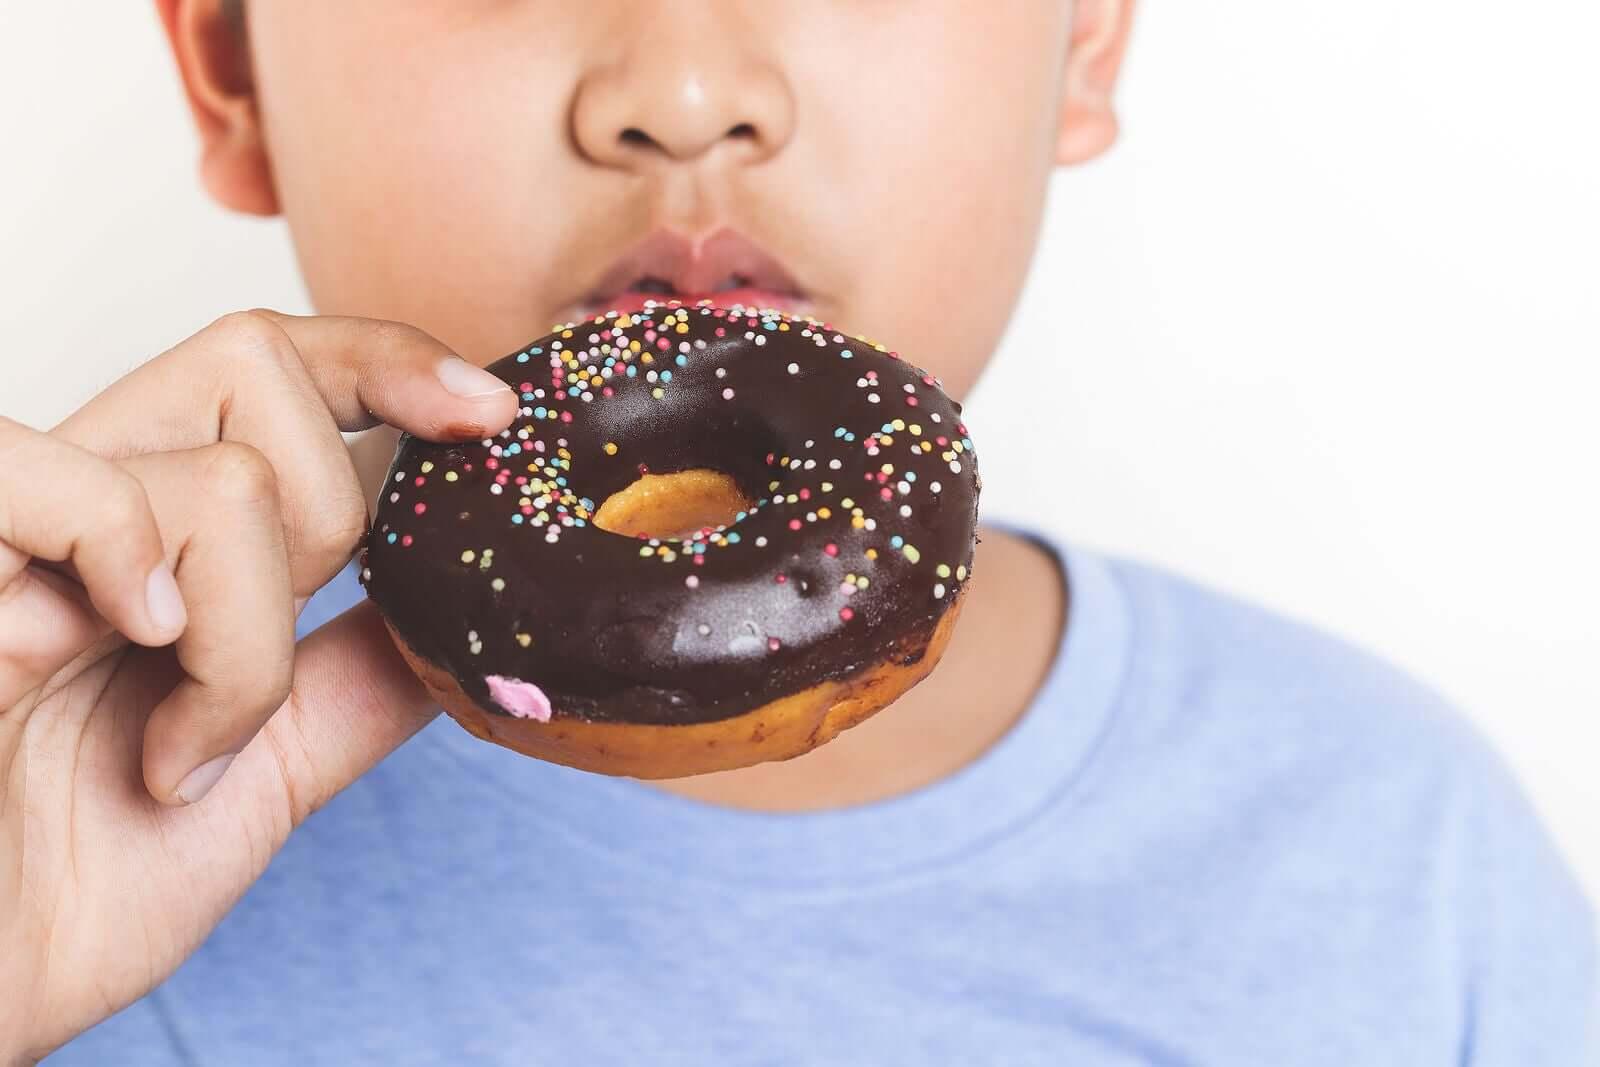 Weight Loss Goals for Overweight Children